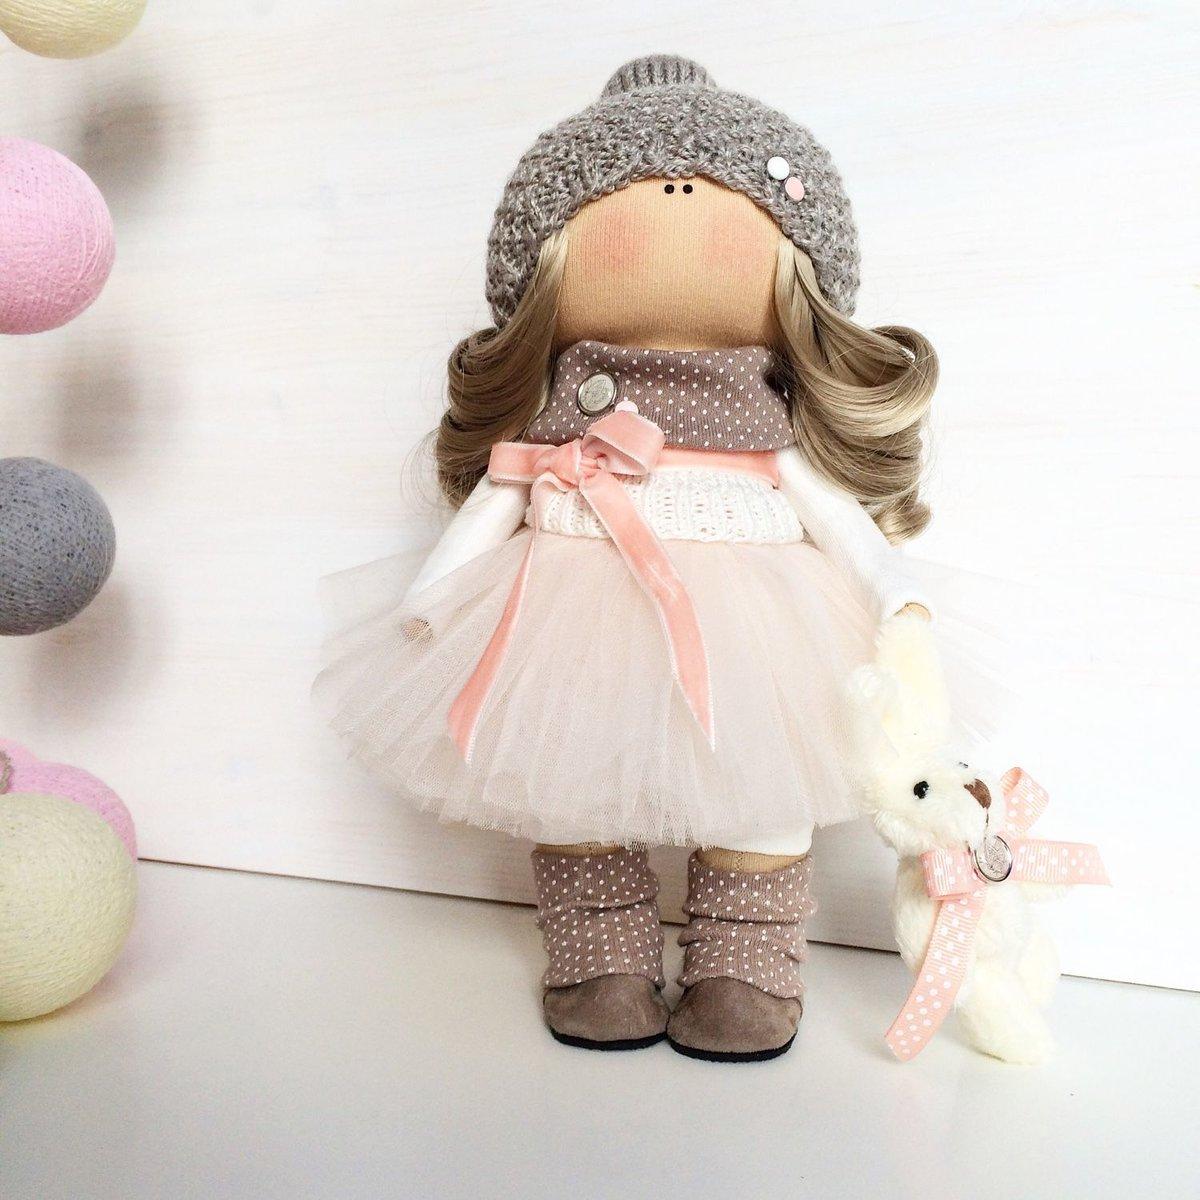 Куклы для интерьера своими руками